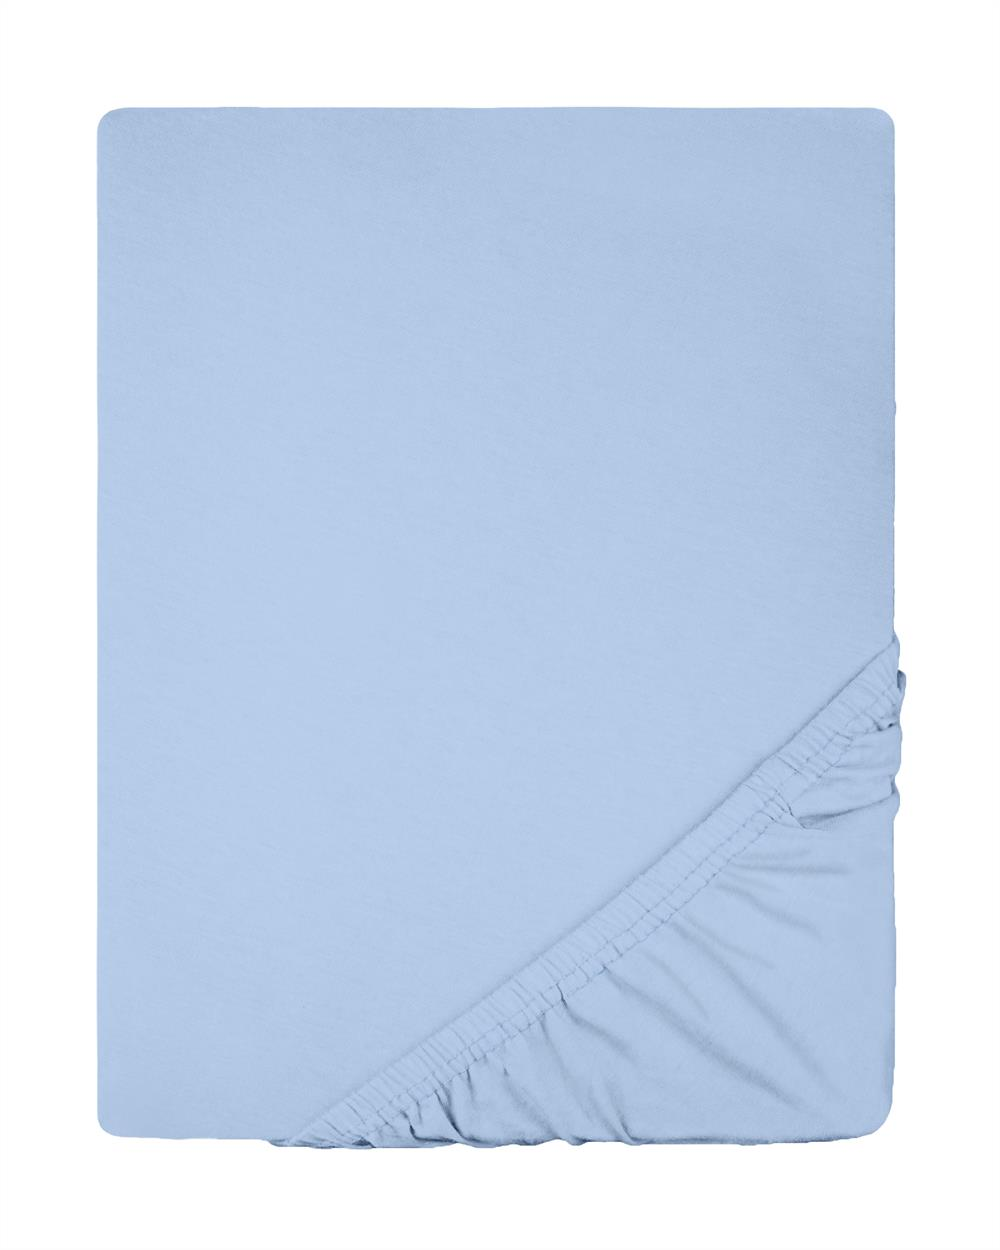 baby spannbettlaken 60x120 70x140 kinderbett baumwolle ausw hlbar lucina minis ebay. Black Bedroom Furniture Sets. Home Design Ideas